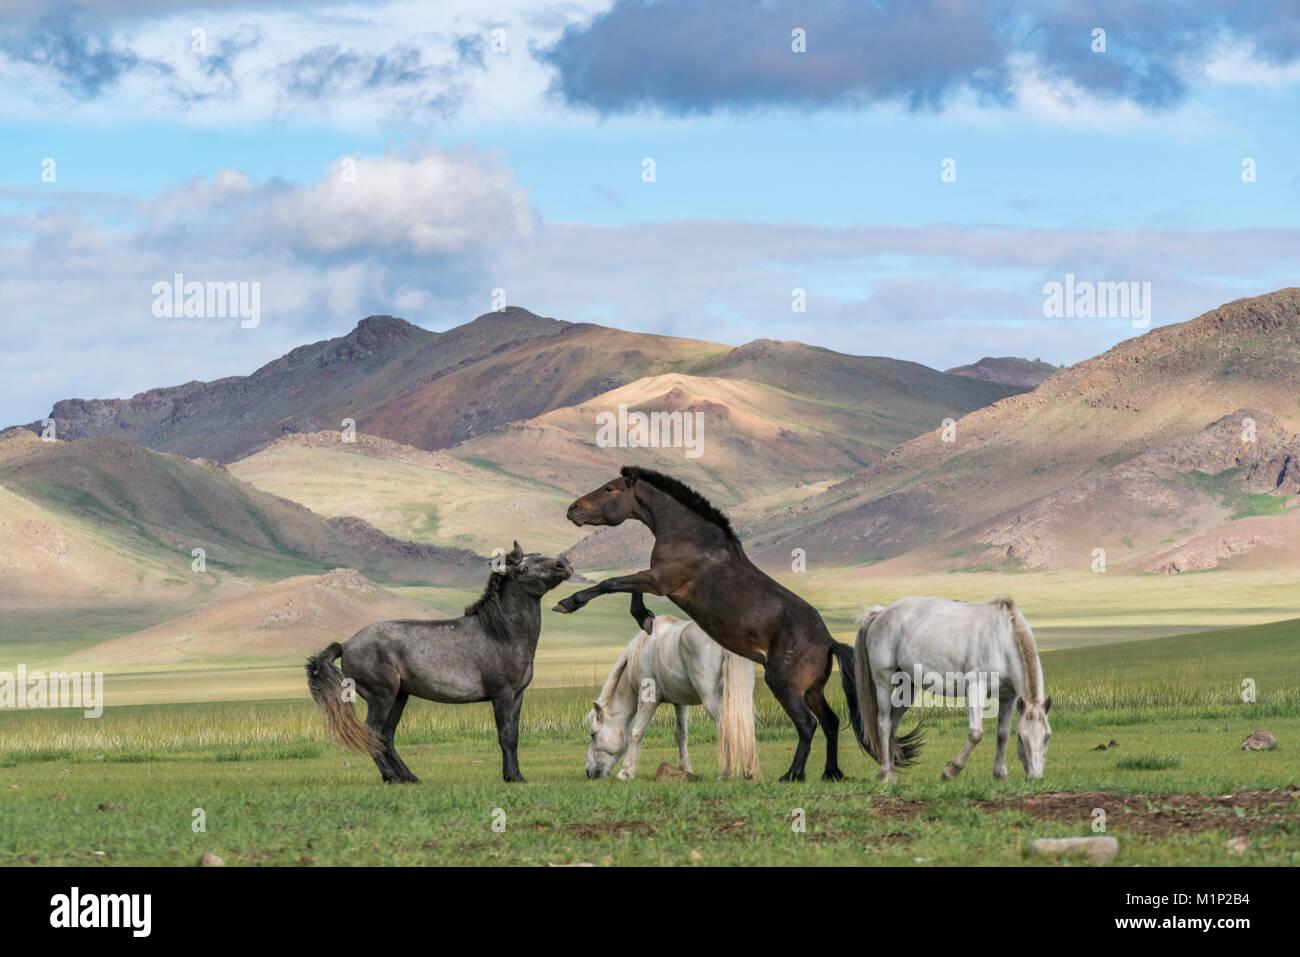 Wilde Pferde spielen und Beweidung und Khangai Gebirge im Hintergrund, Provinz Hovsgol, Mongolei, Zentralasien, Stockbild